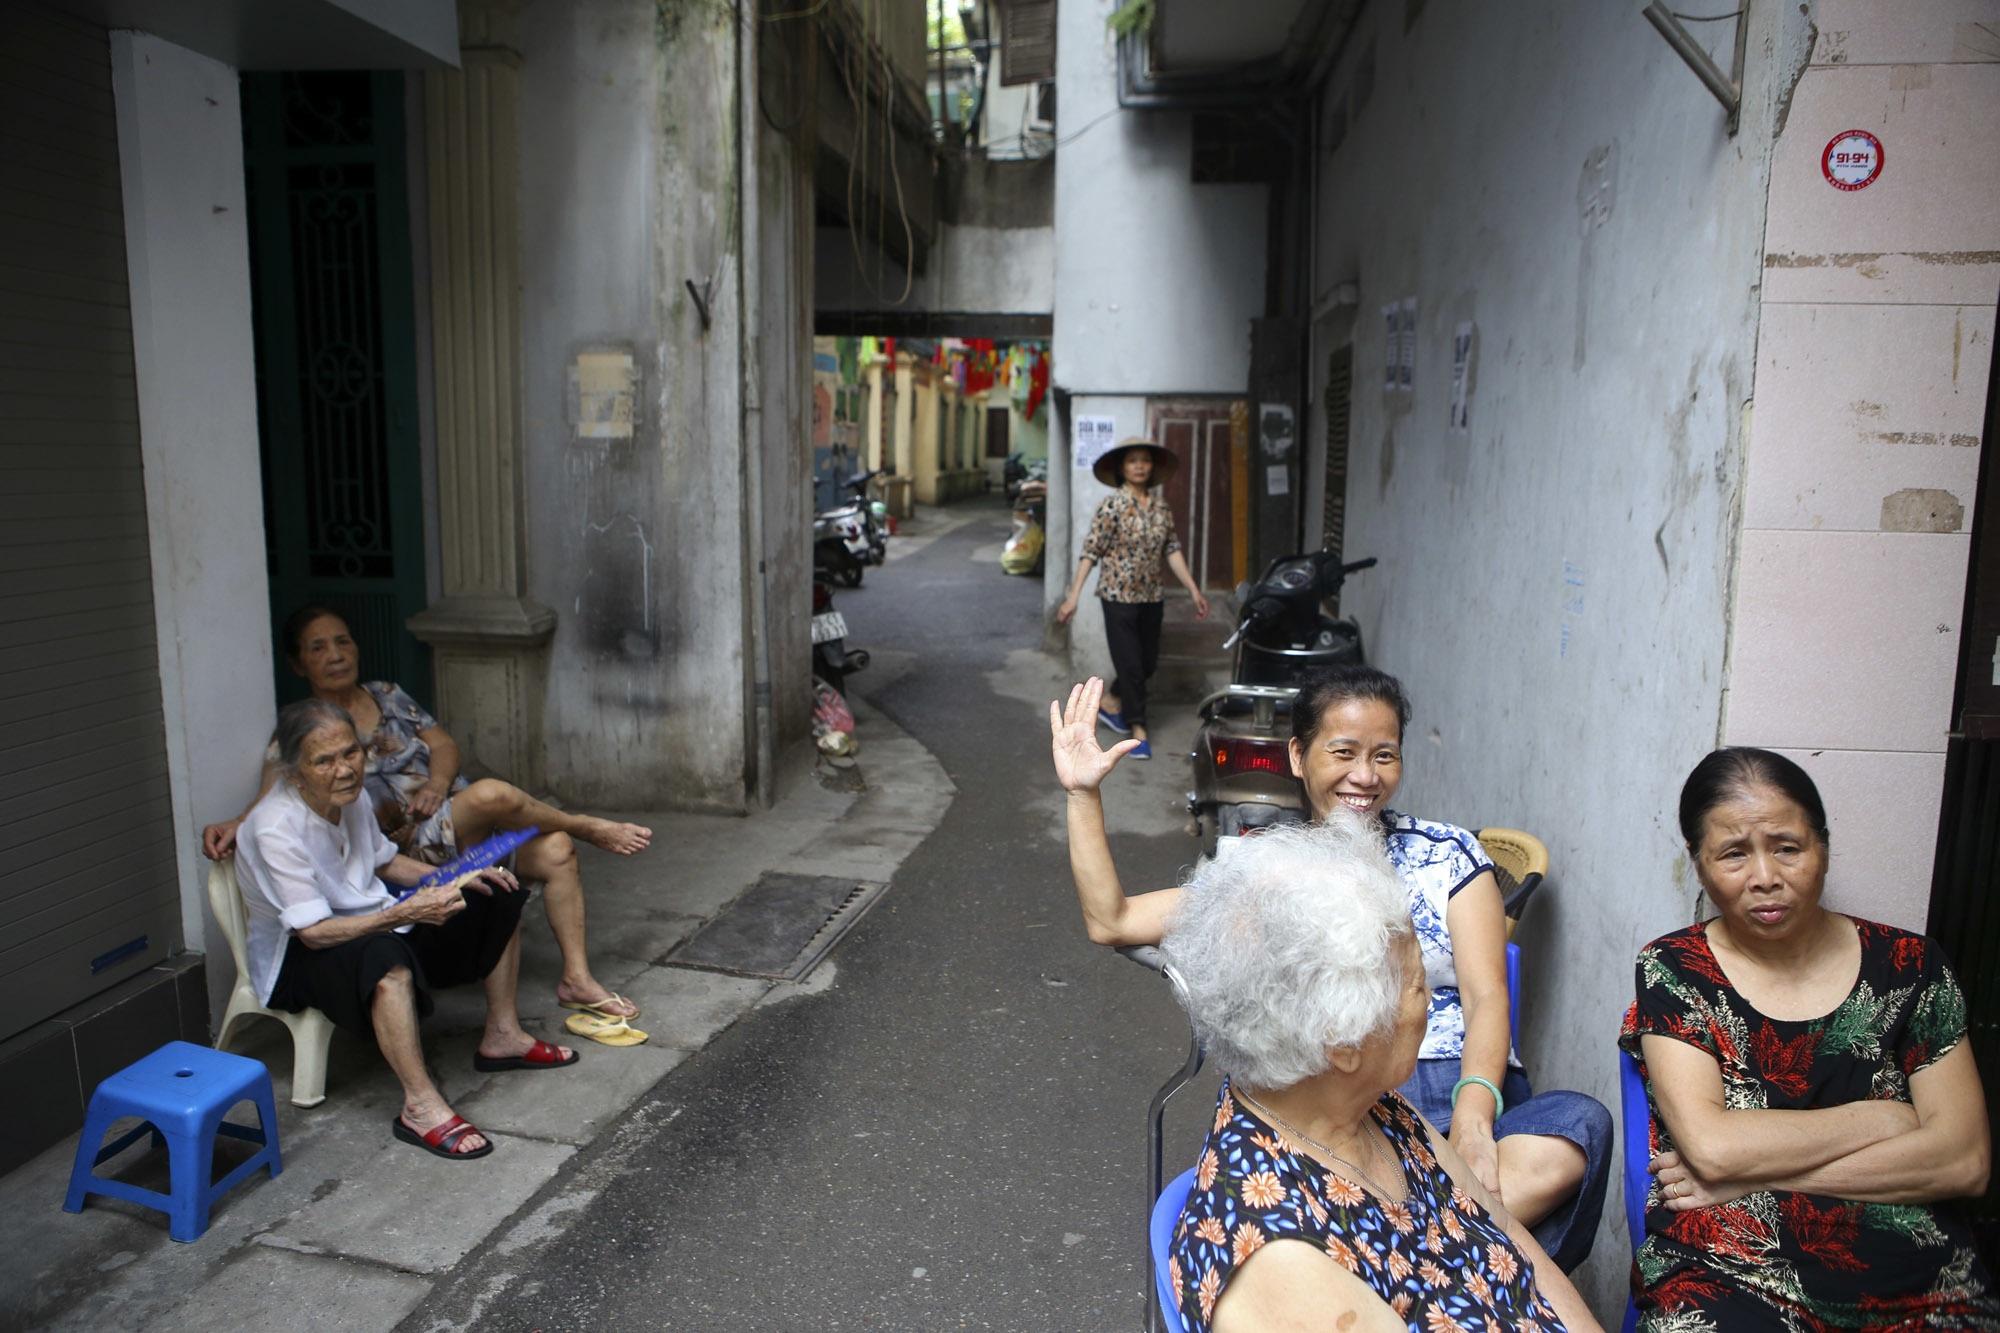 Nhịp sống sôi động trong ngõ siêu nhỏ ở phố cổ Hà Nội - 13